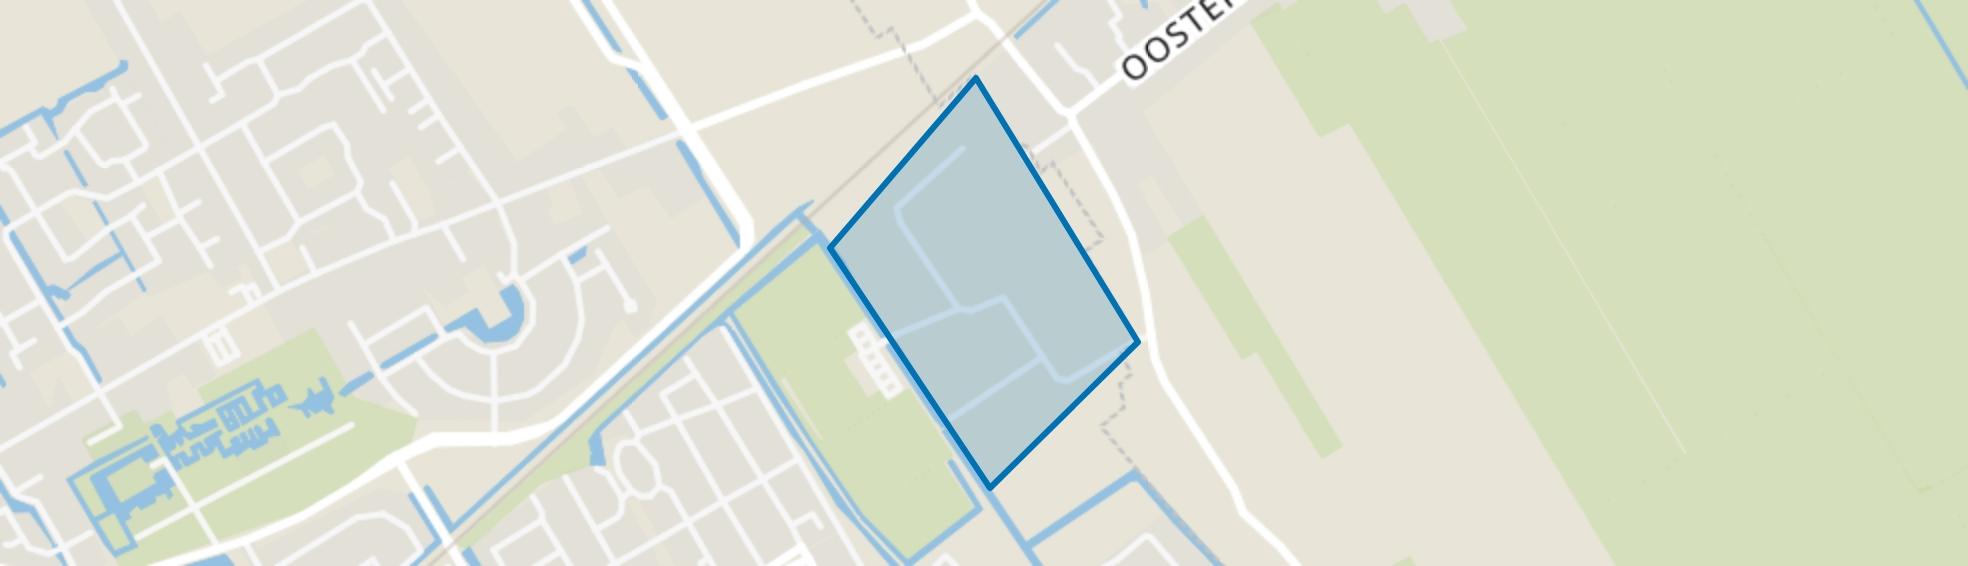 Kersenboogerd-Zuid - Buurt 33 09, Blokker map